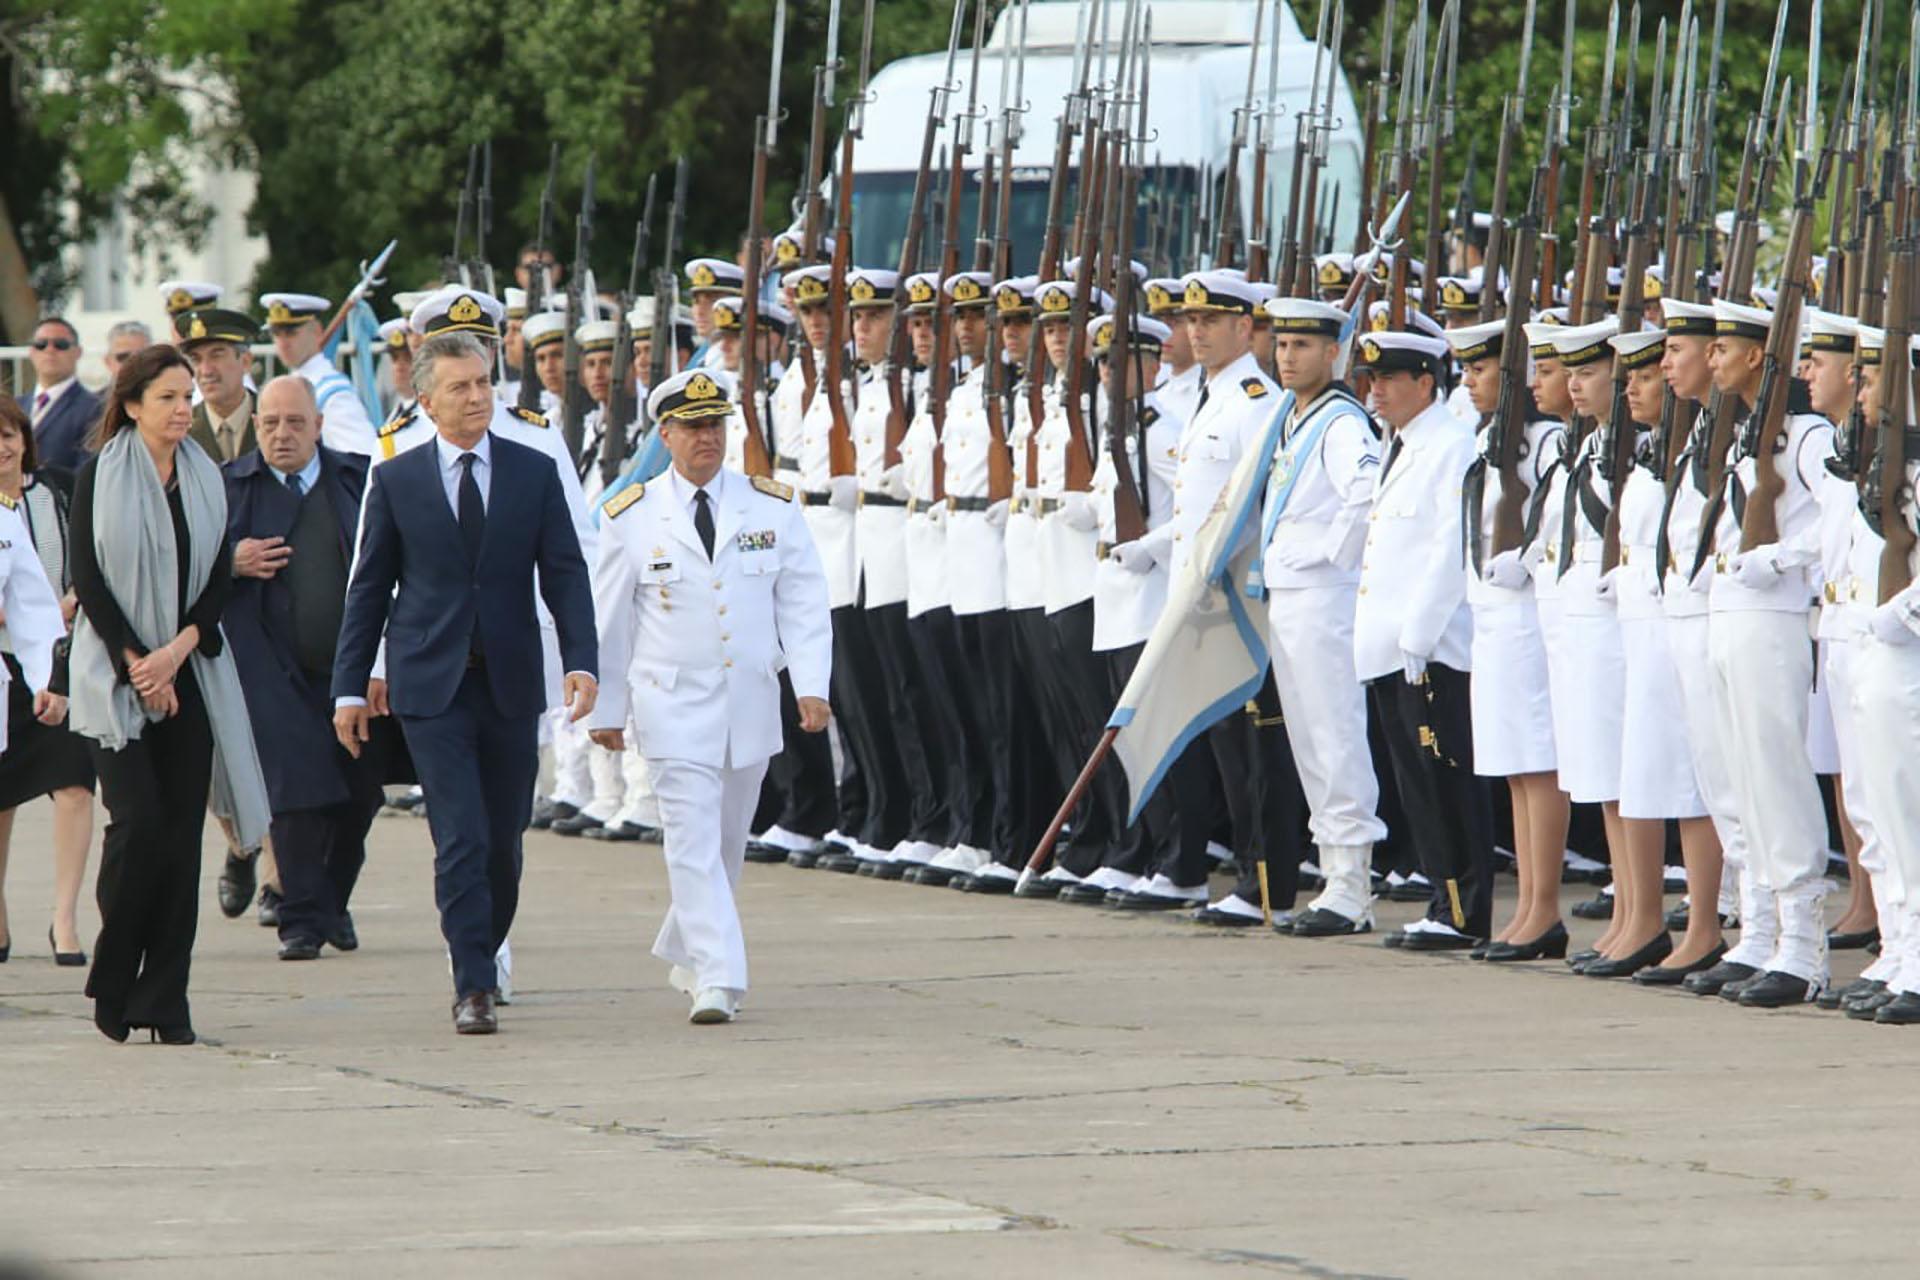 El Presidente reconoció el trabajo de los integrantes de las Fuerzas Armadas